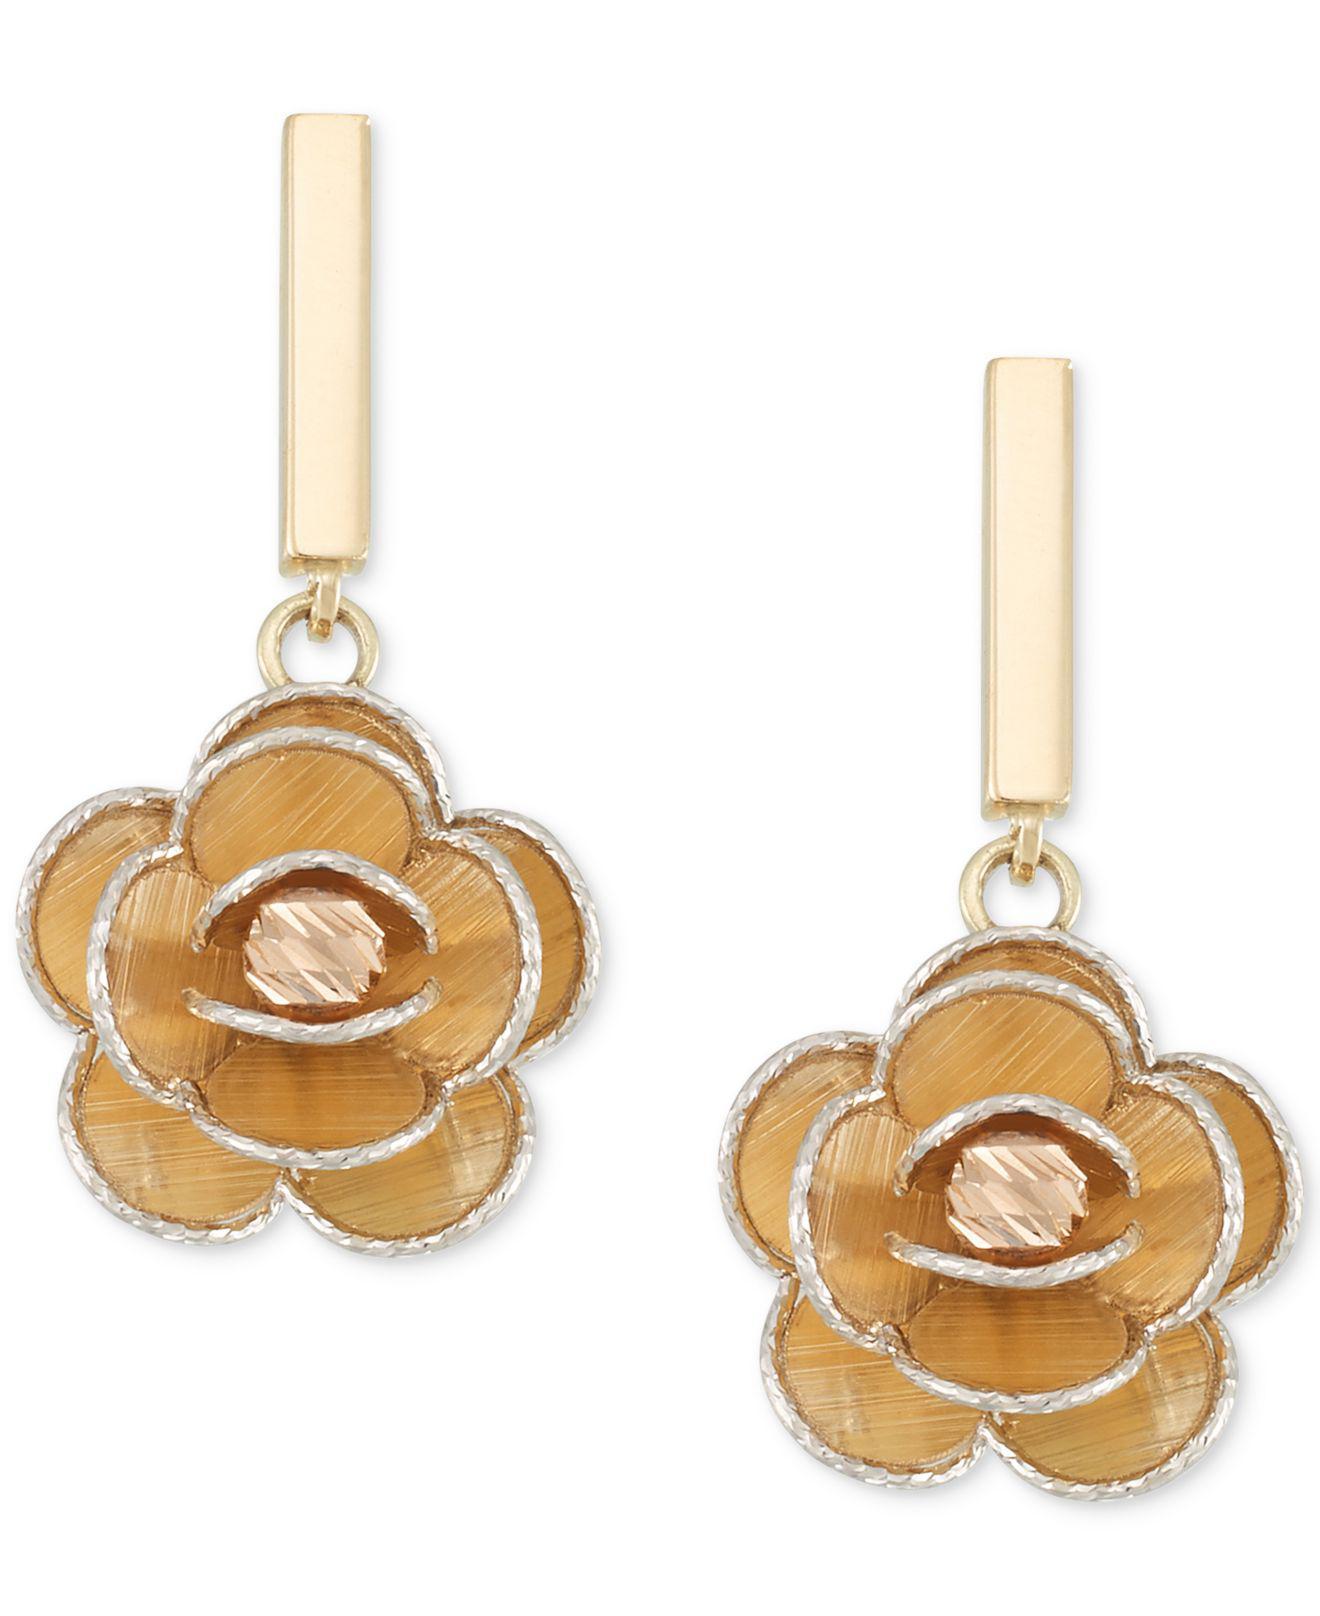 Lani Vincoli E5 - 14kt Tri-Colour Gold Earrings zel9Thq